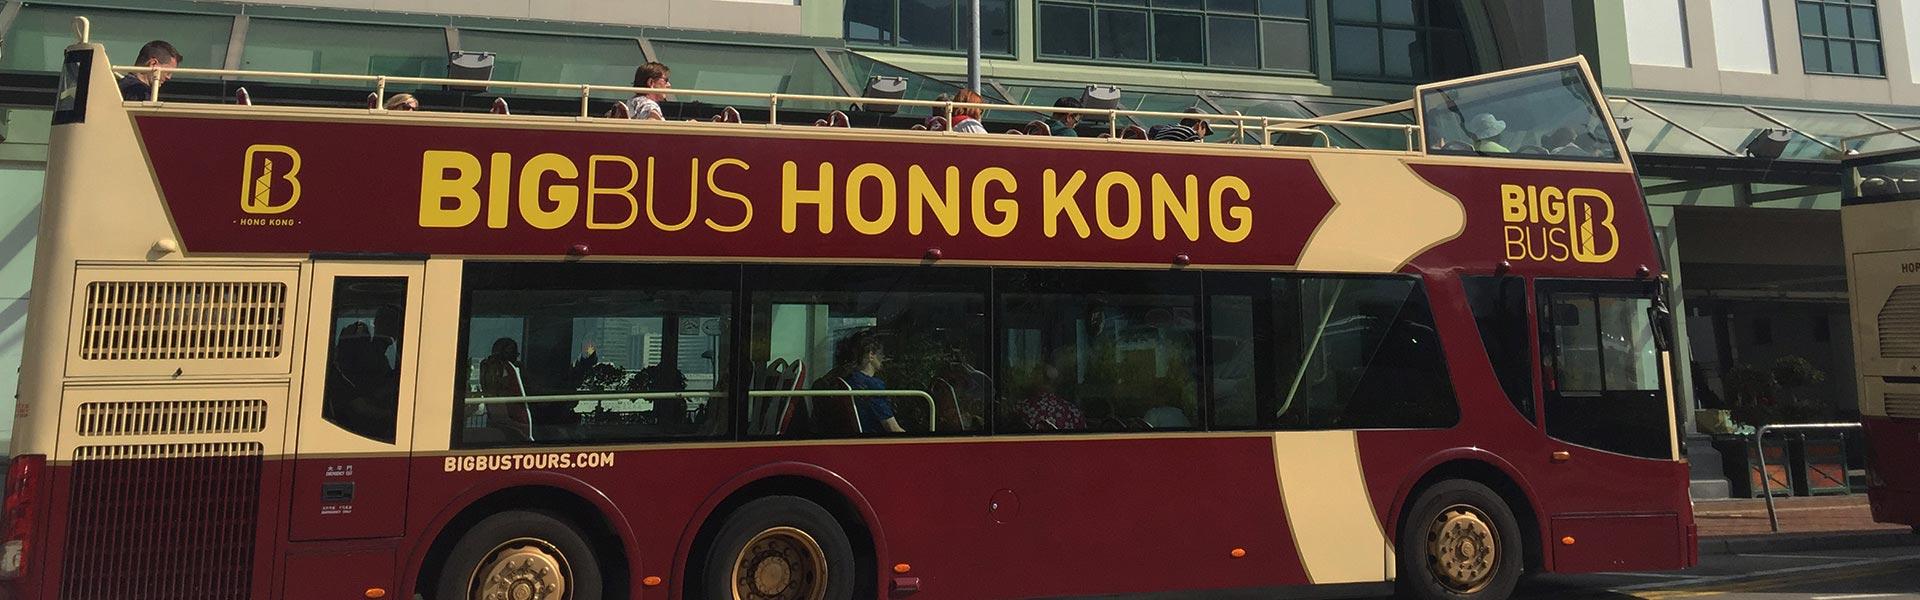 Big Bus tour in Hong Kong